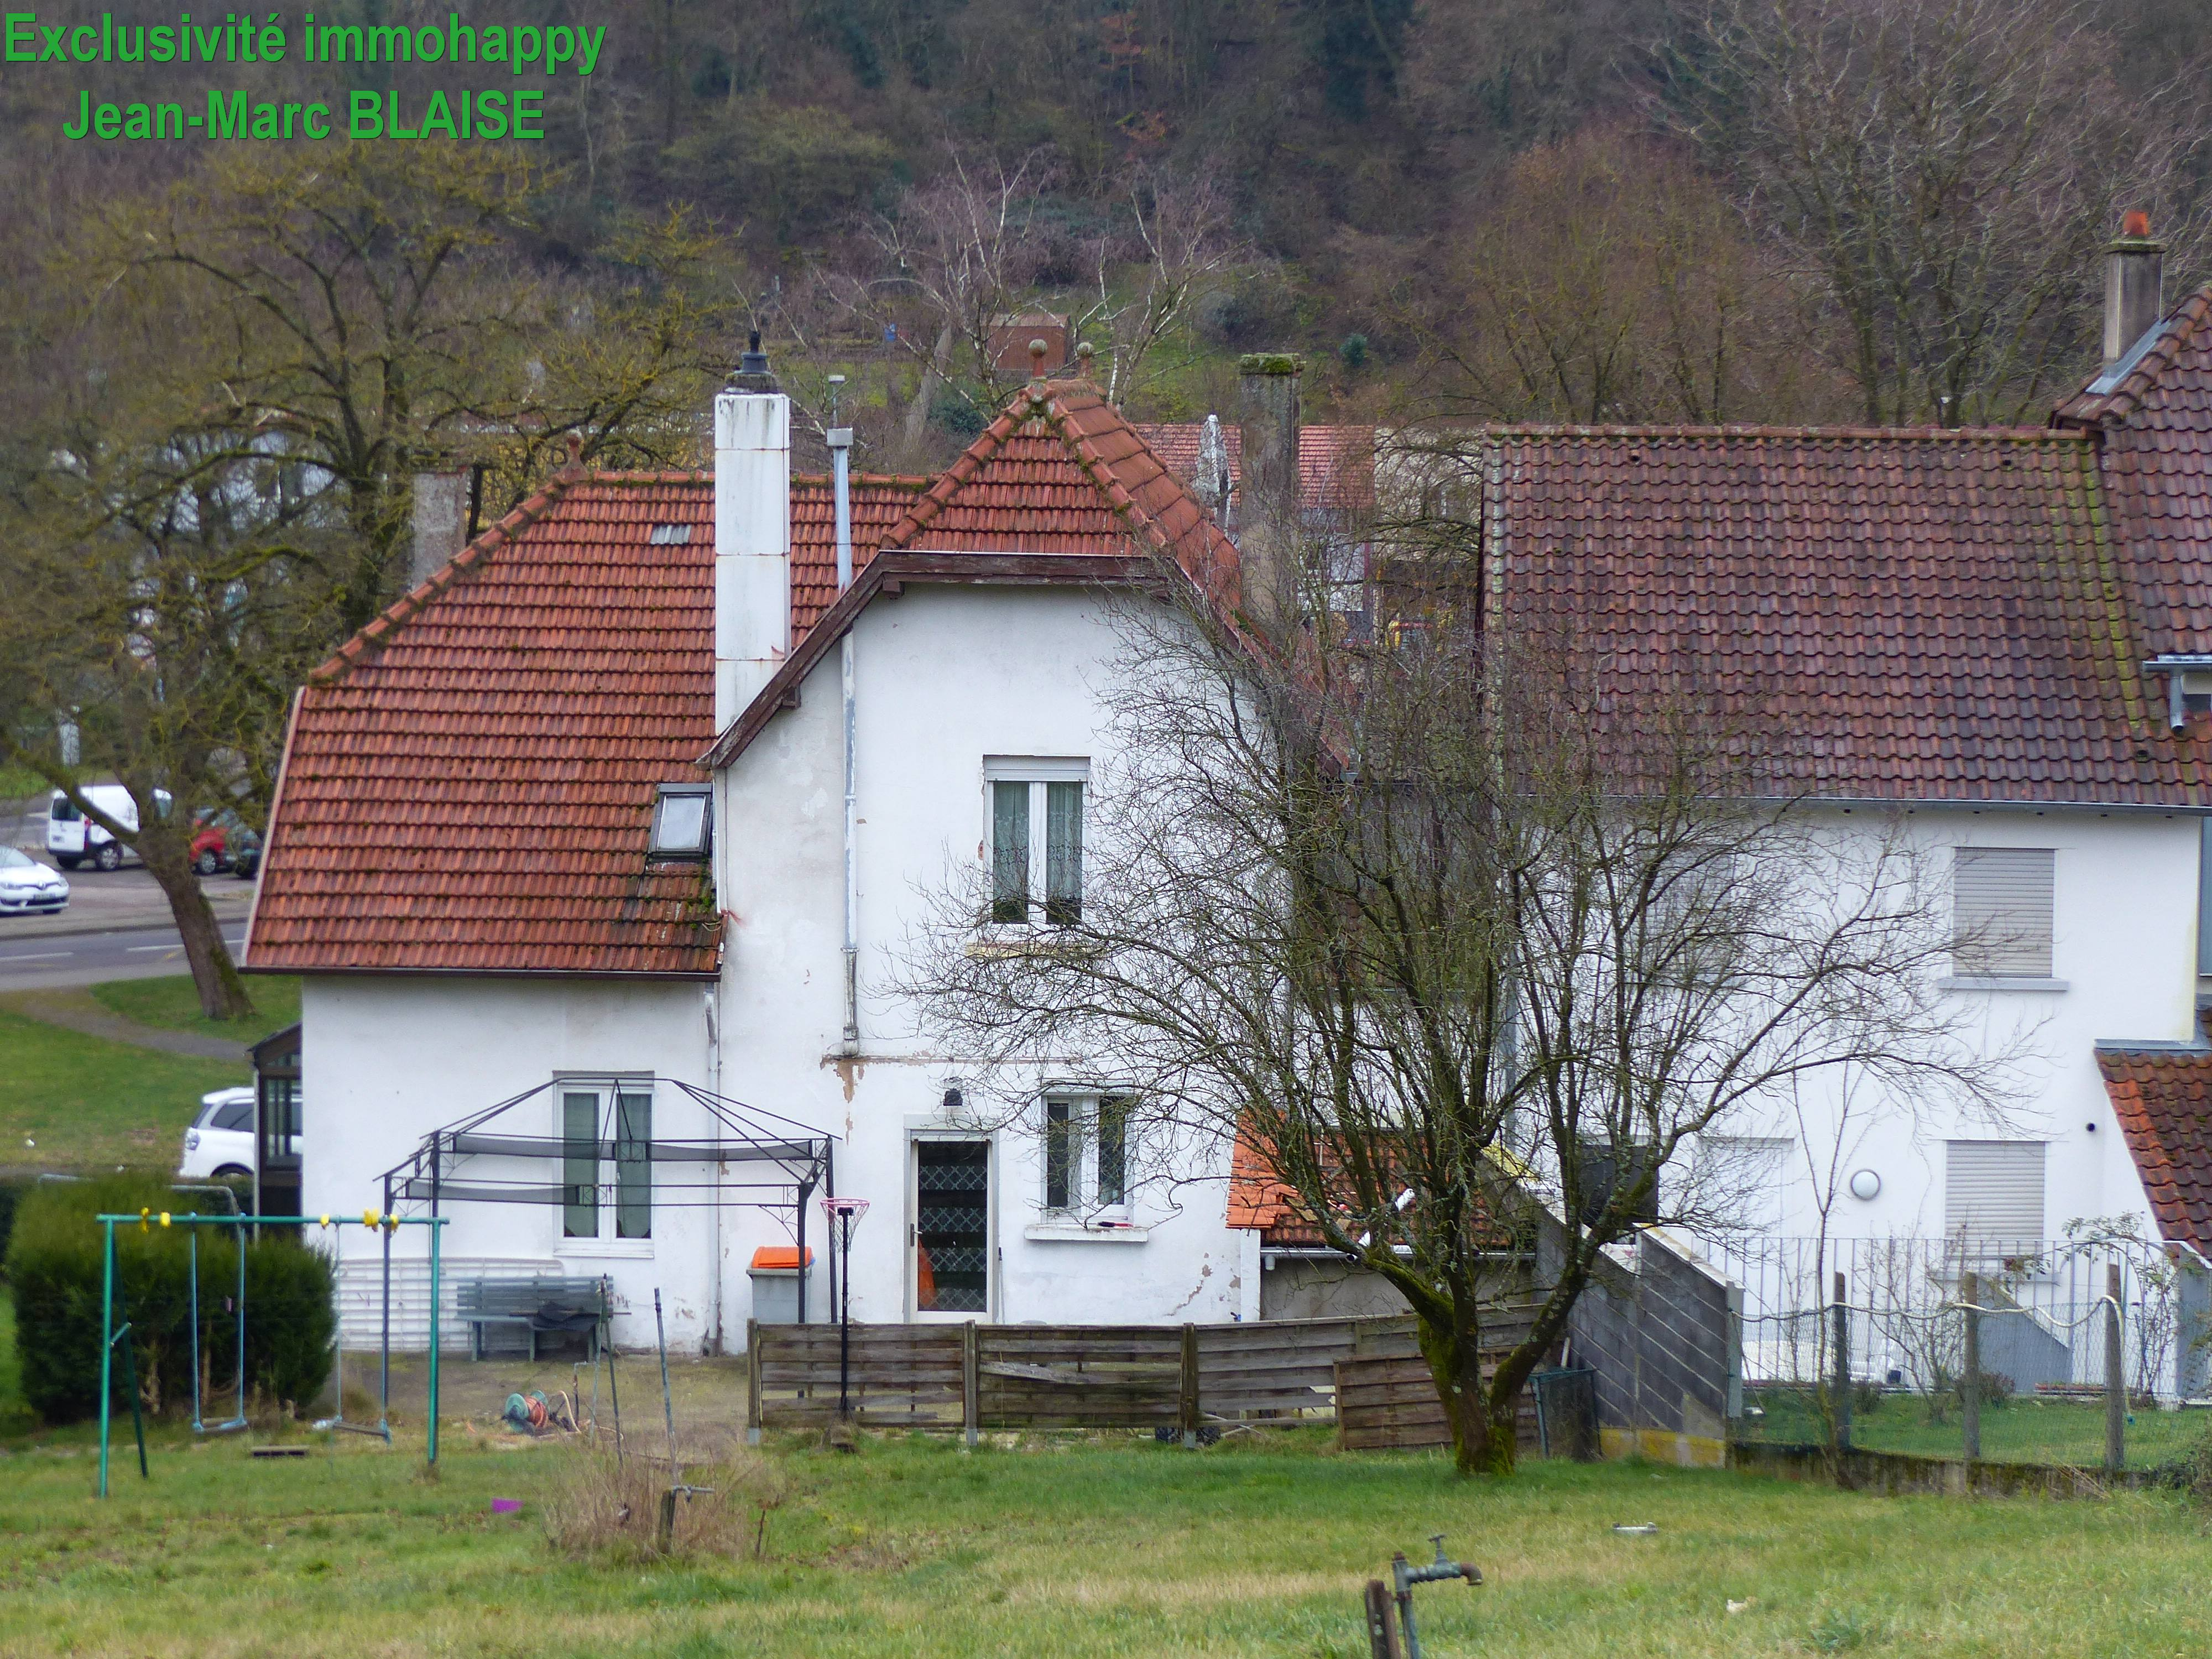 Maison 4 chambres à St-Avold 156000 €